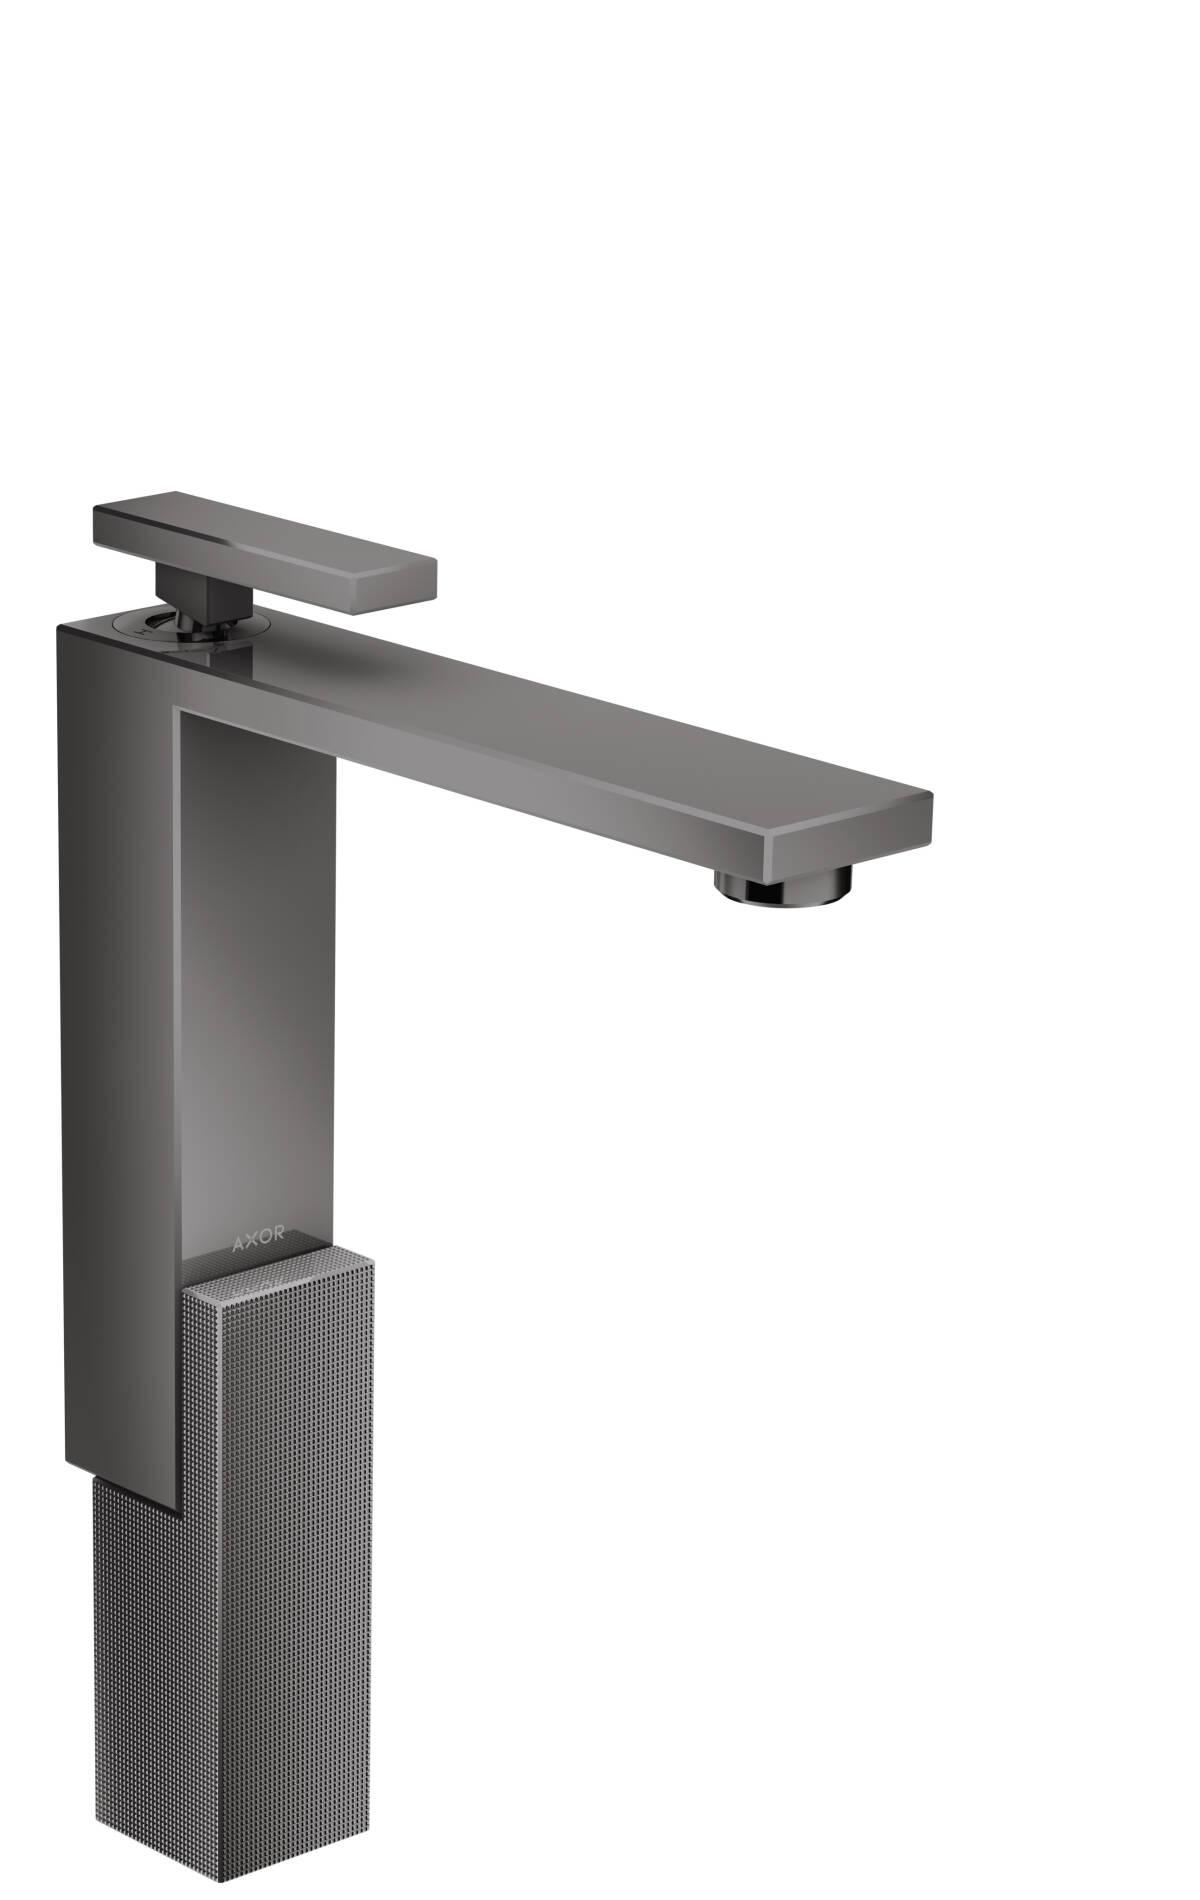 Mezclador monomando de lavabo 280 con vaciador push-open - corte de diamante, cromo negro pulido, 46031330